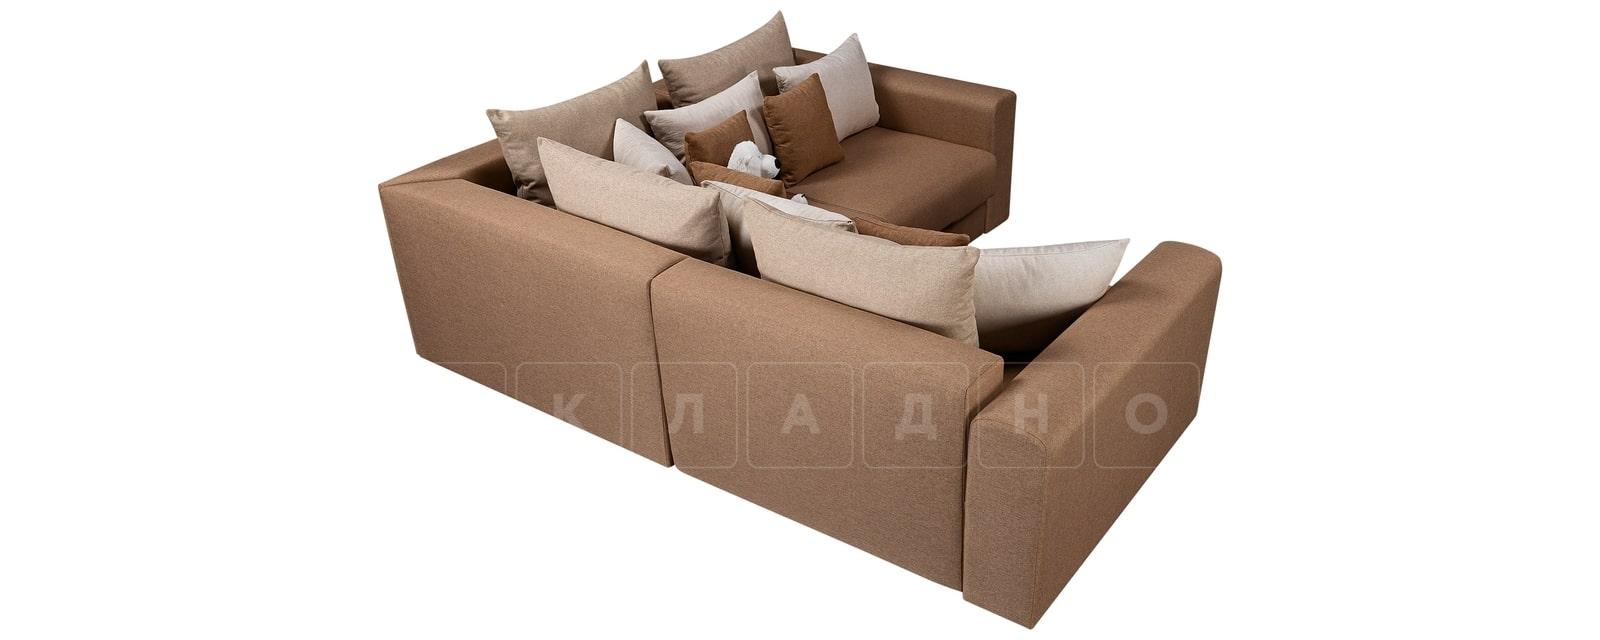 Угловой диван Медисон коричневый 244х224 см фото 3 | интернет-магазин Складно